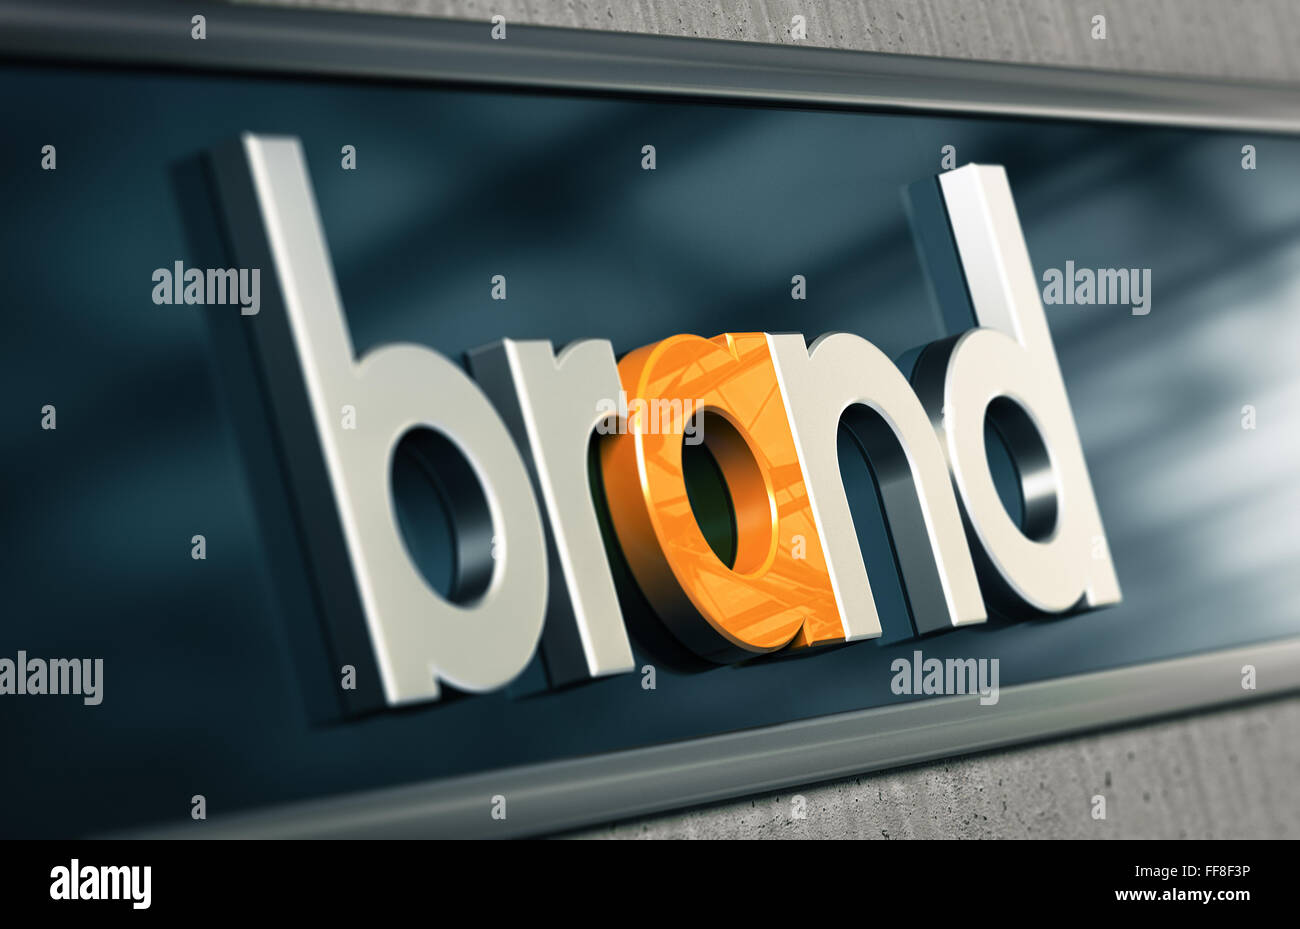 Concetto di branding. Azienda Nome del marchio su una facciata di edificio con effetto di sfocatura Immagini Stock